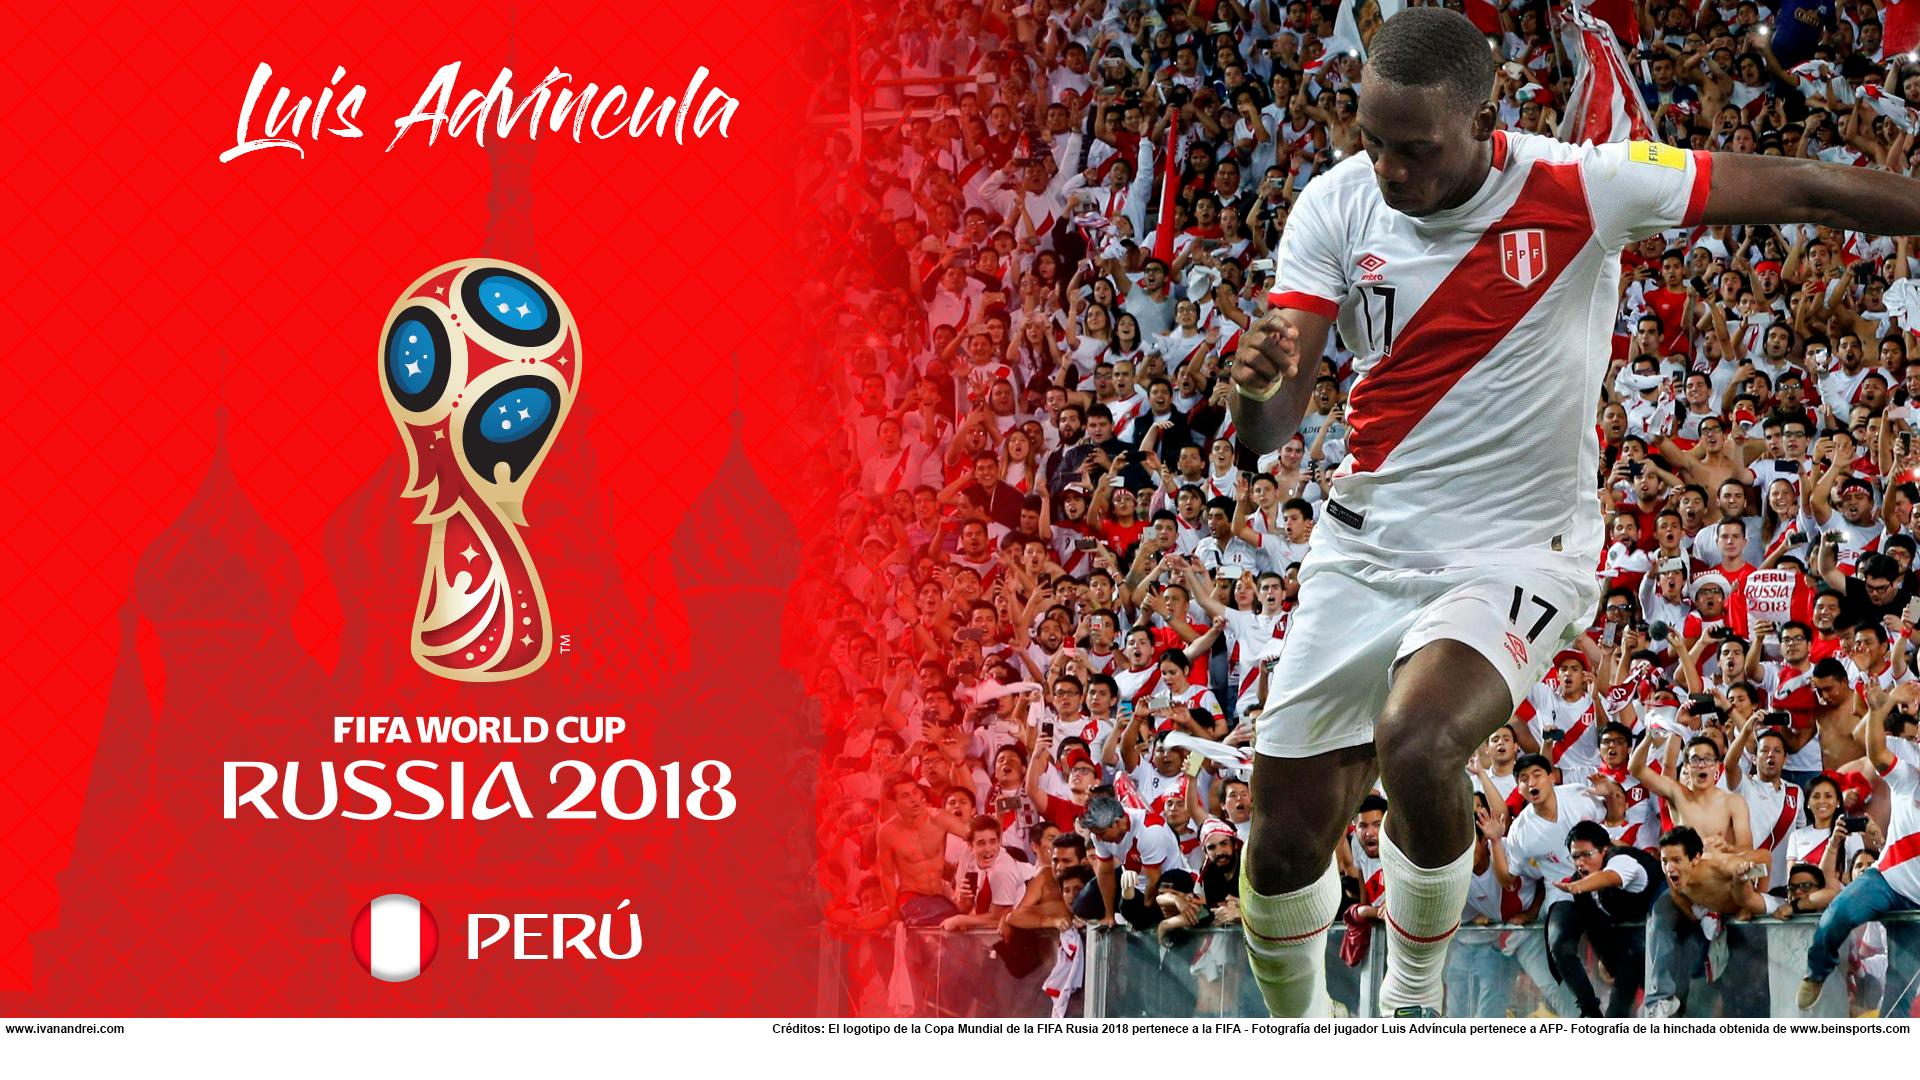 Wallpaper de Luis Advíncula de Perú para la Copa Mundial de la FIFA - Rusia 2018 - Edición para PC (1920x1080)